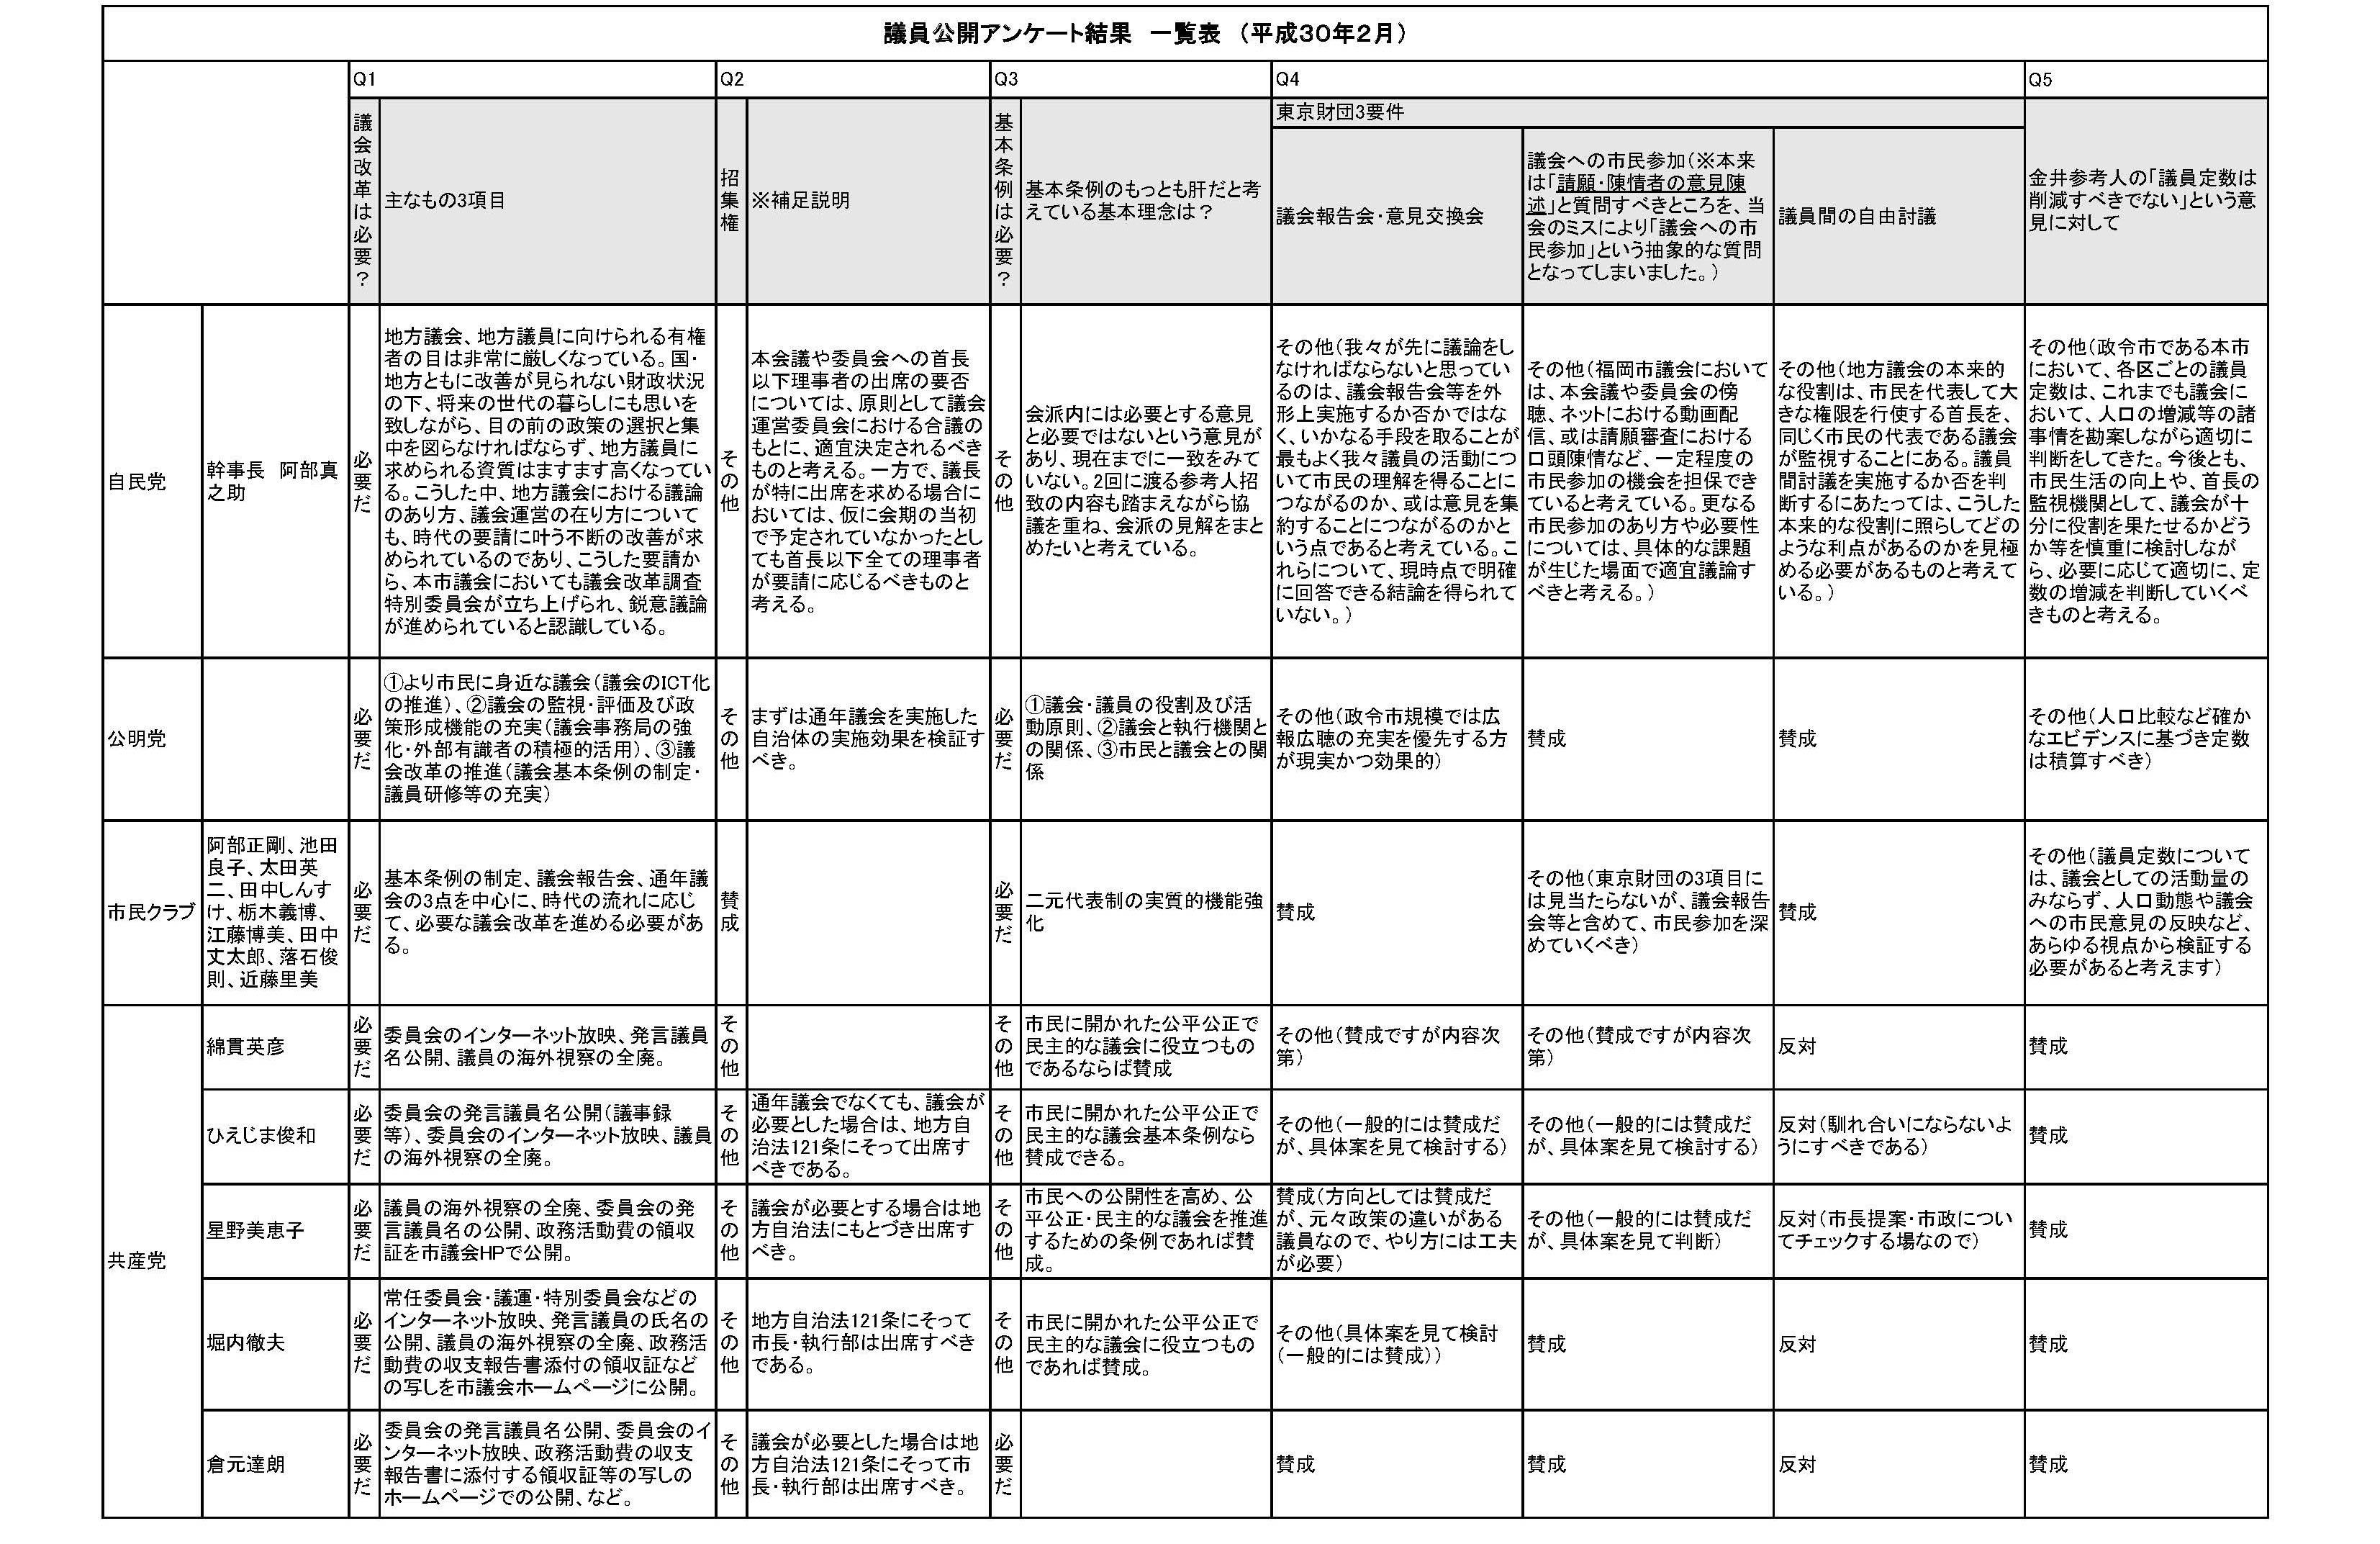 議員公開アンケート10